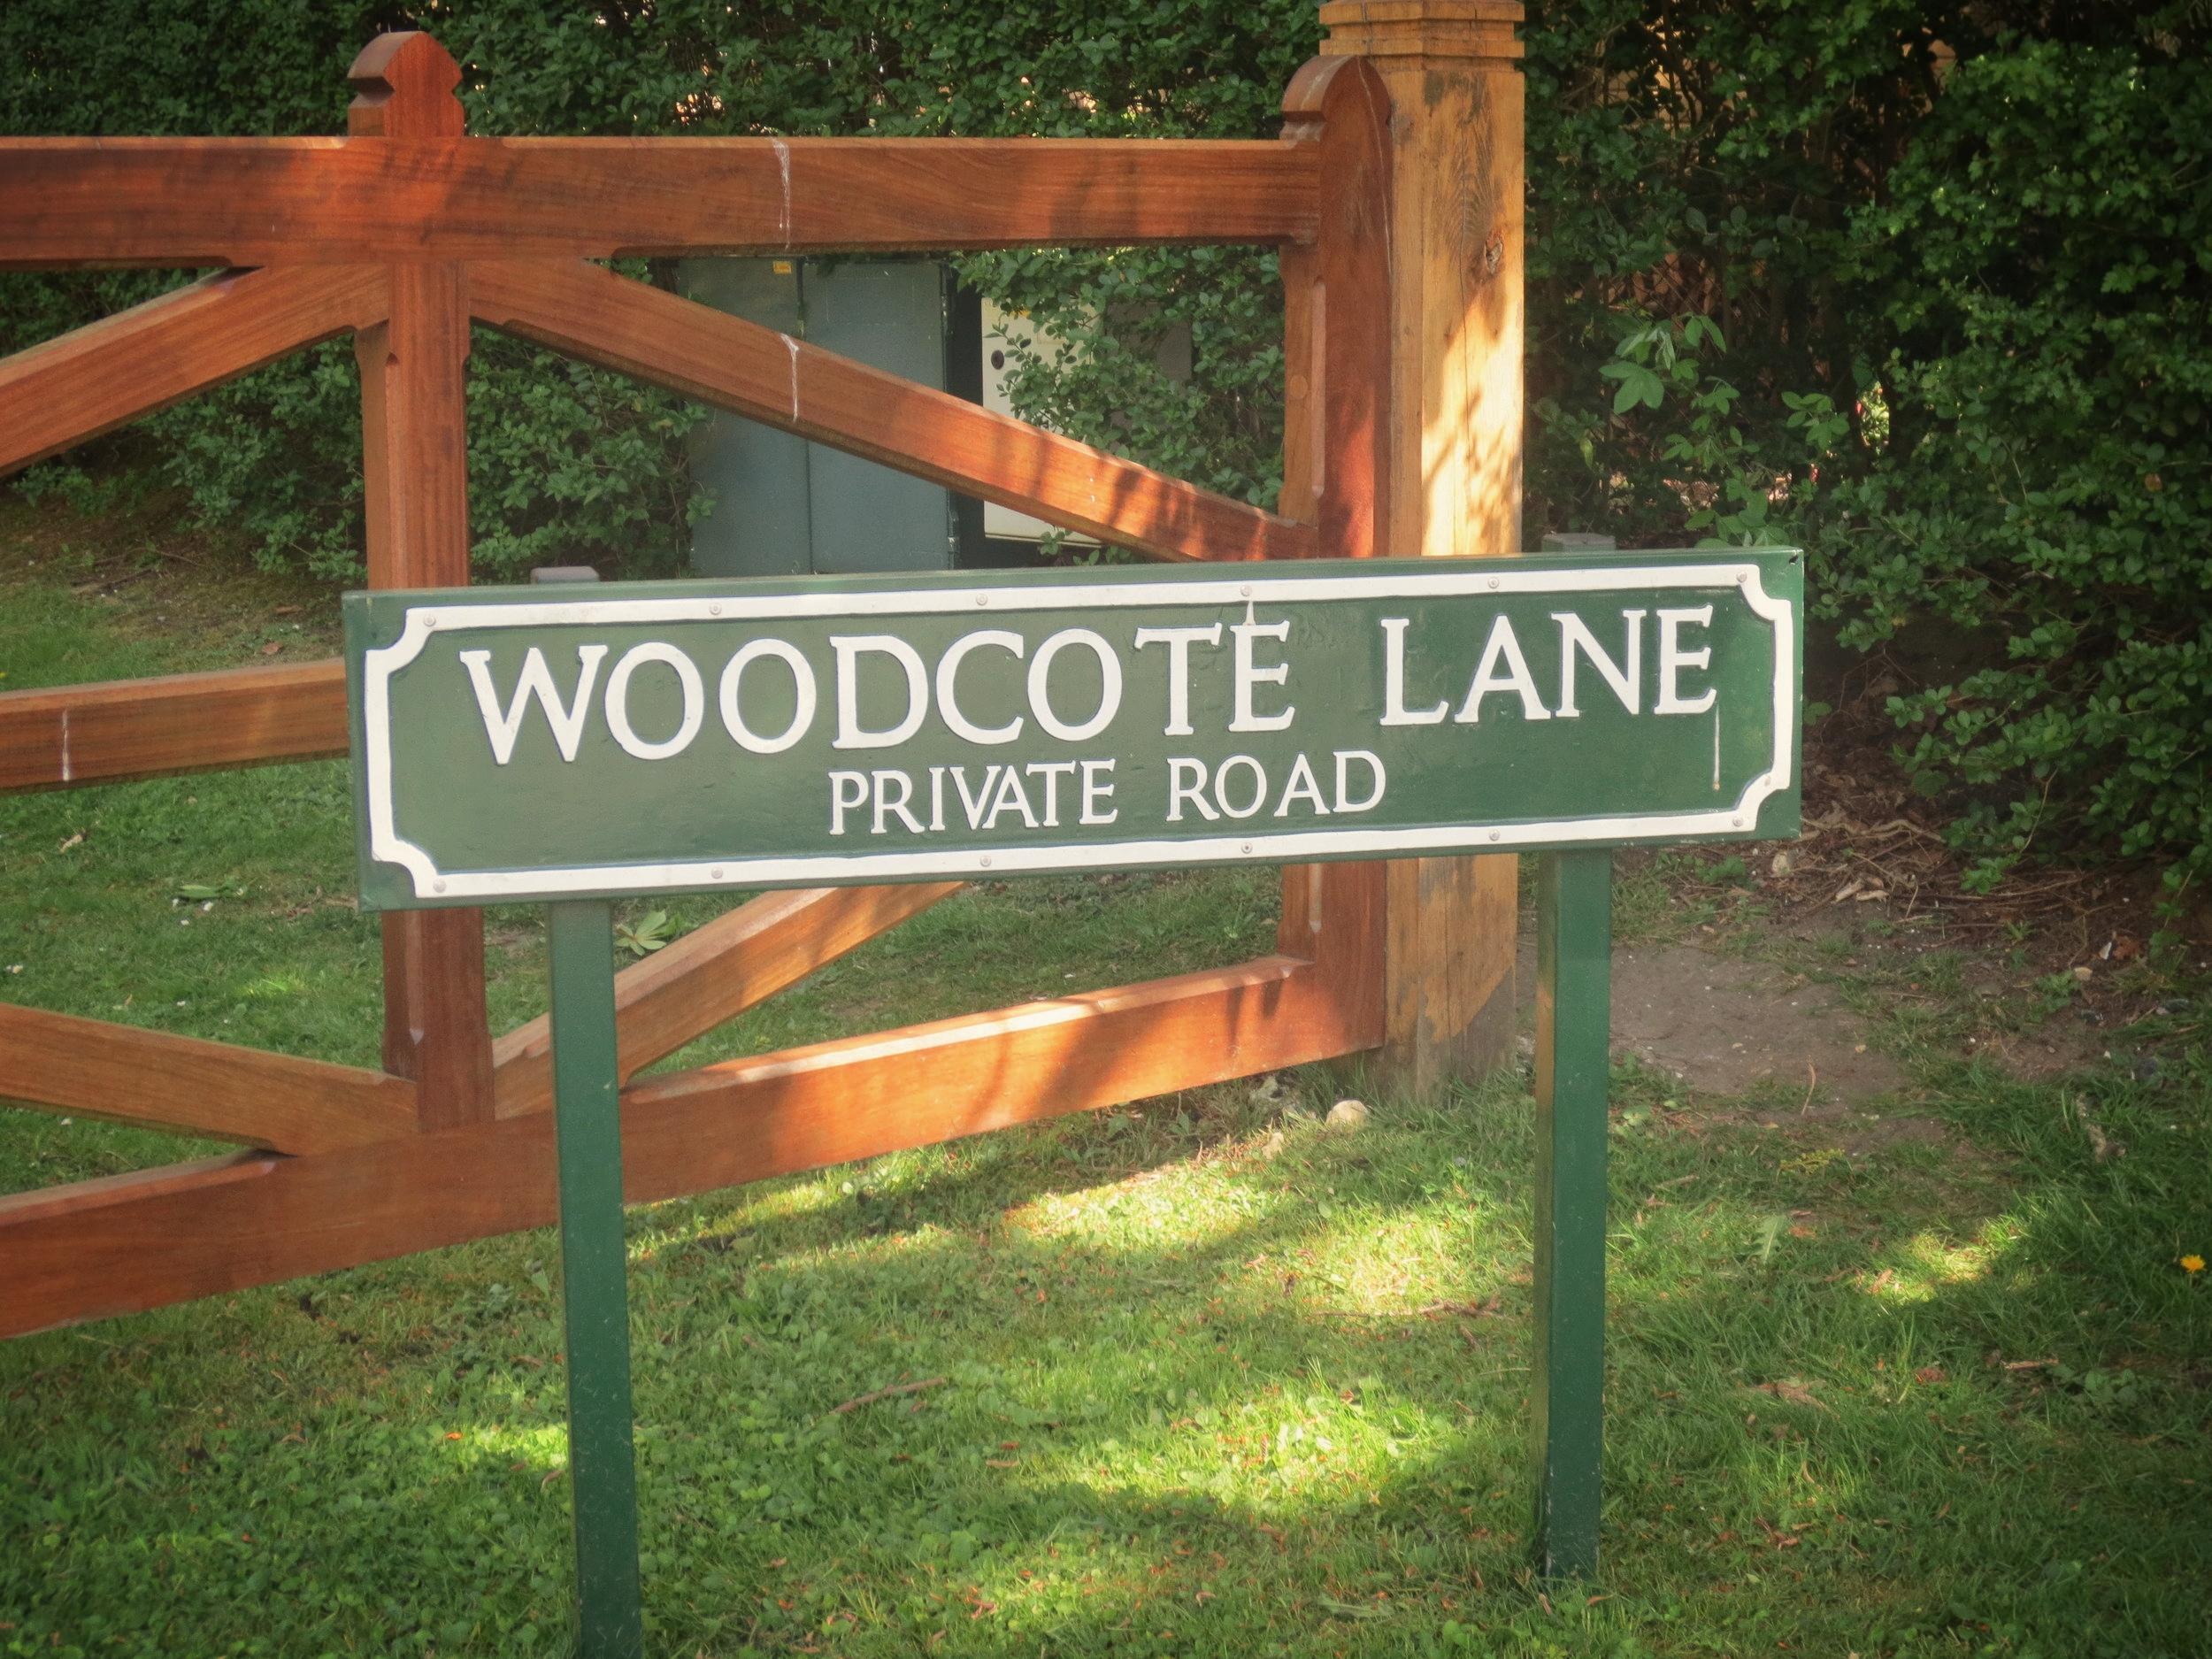 WOODCOTE LANE